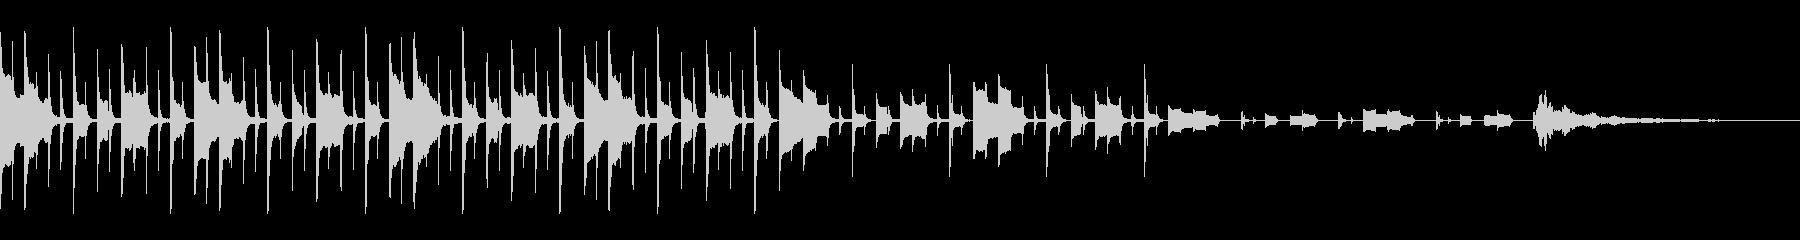 クイズの考え中の音(元気な感じ)の未再生の波形